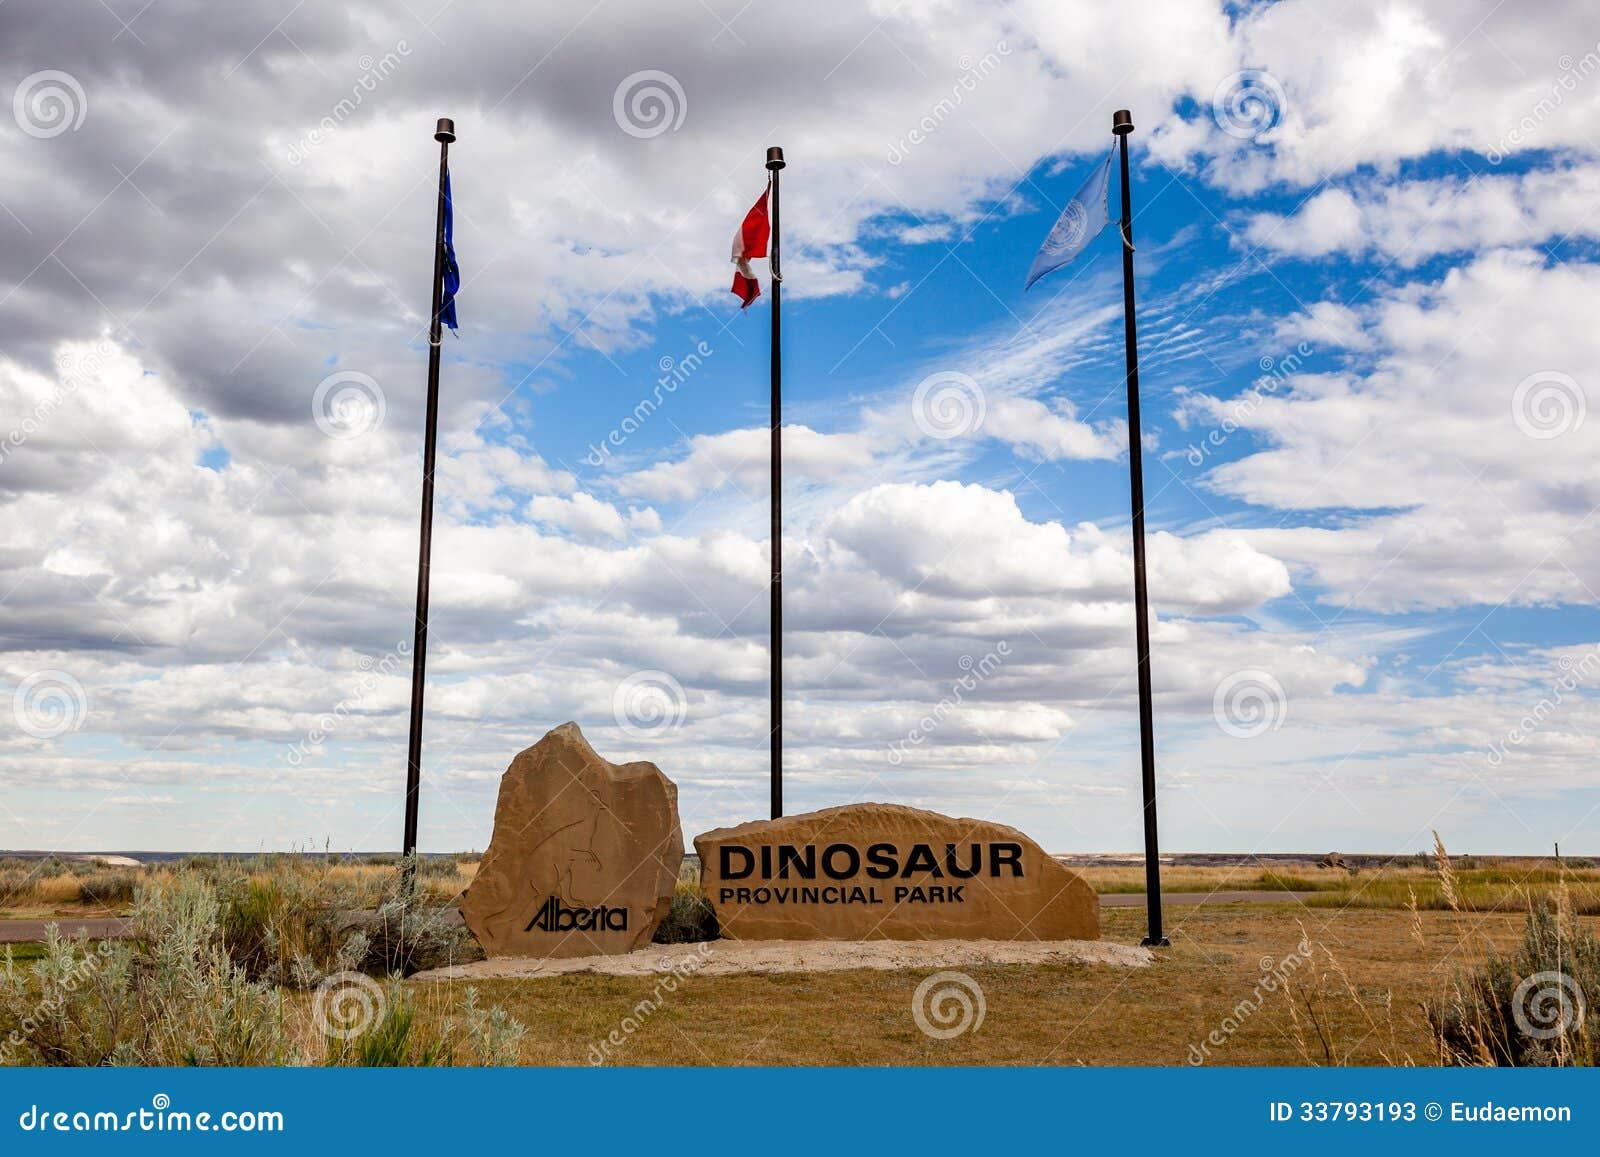 Den provinsiella dinosaurien parkerar - Alberta, Kanada